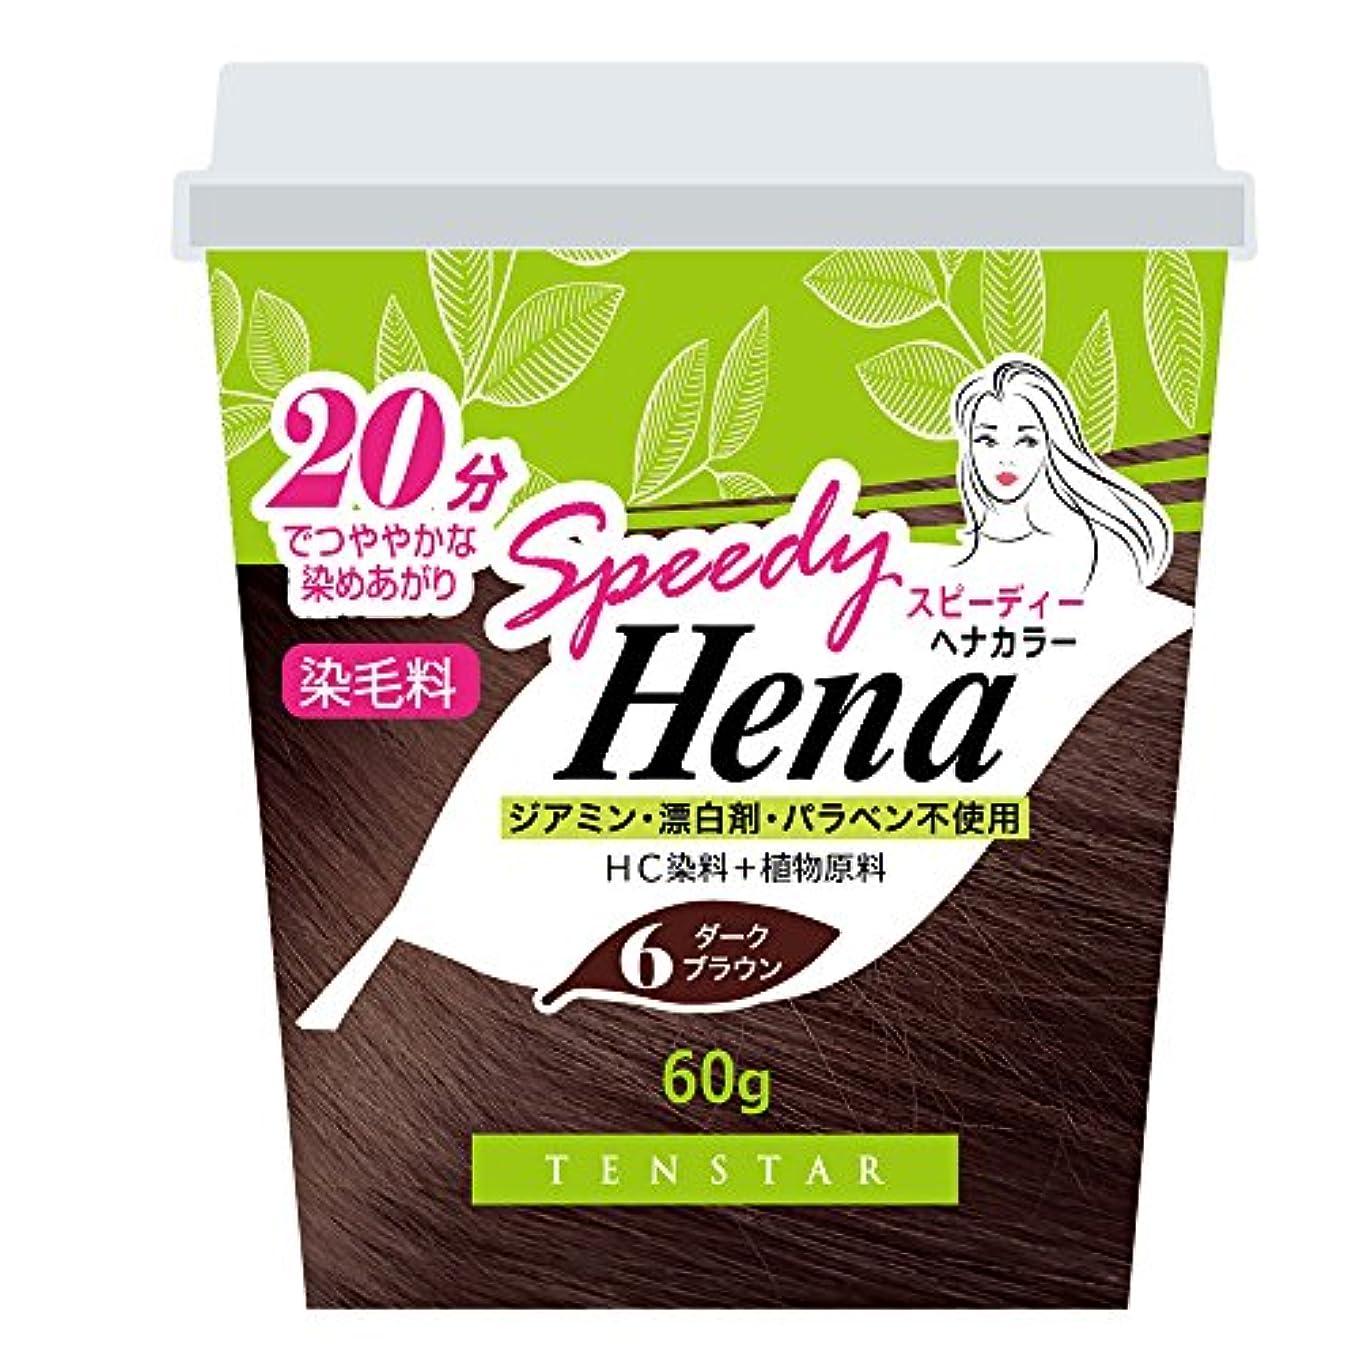 気分が良い美徳大理石THH-01 テンスター スピーディー ヘナカラー ダークブラウン 60G